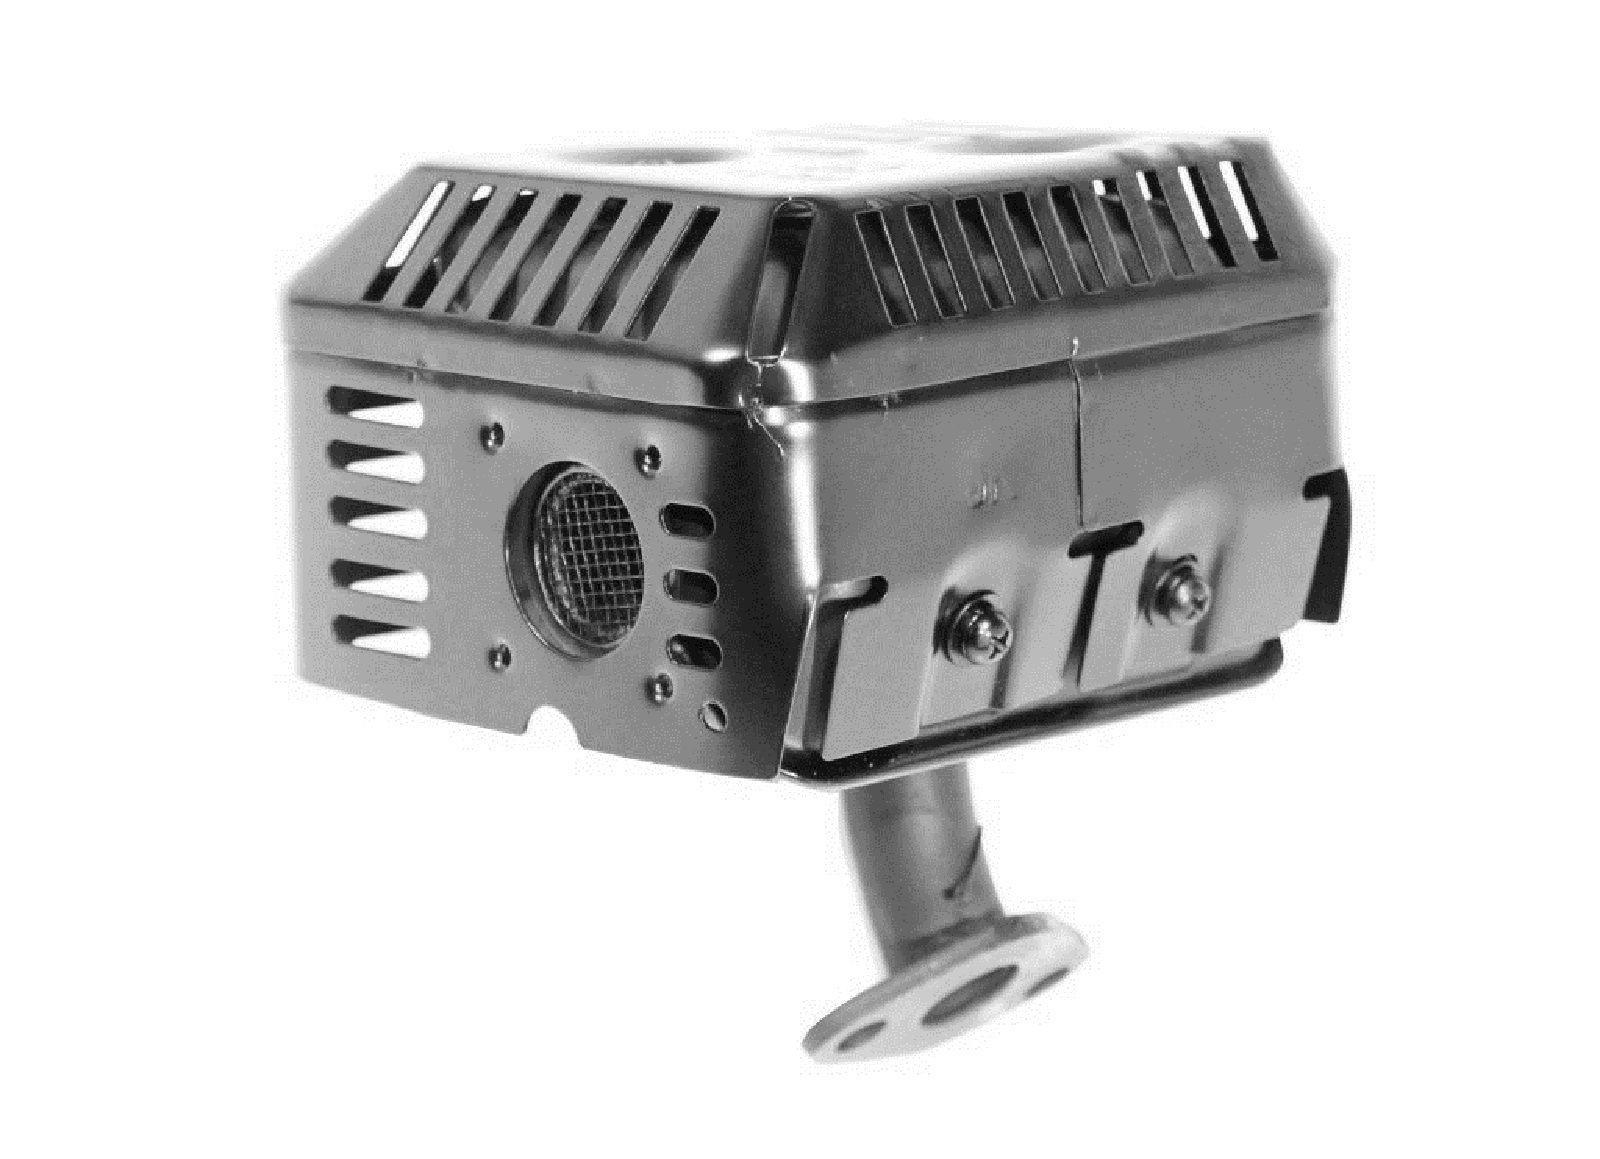 ... Coleman Powermate Generator 3250 W PM0133250 PM0123250 - Parts